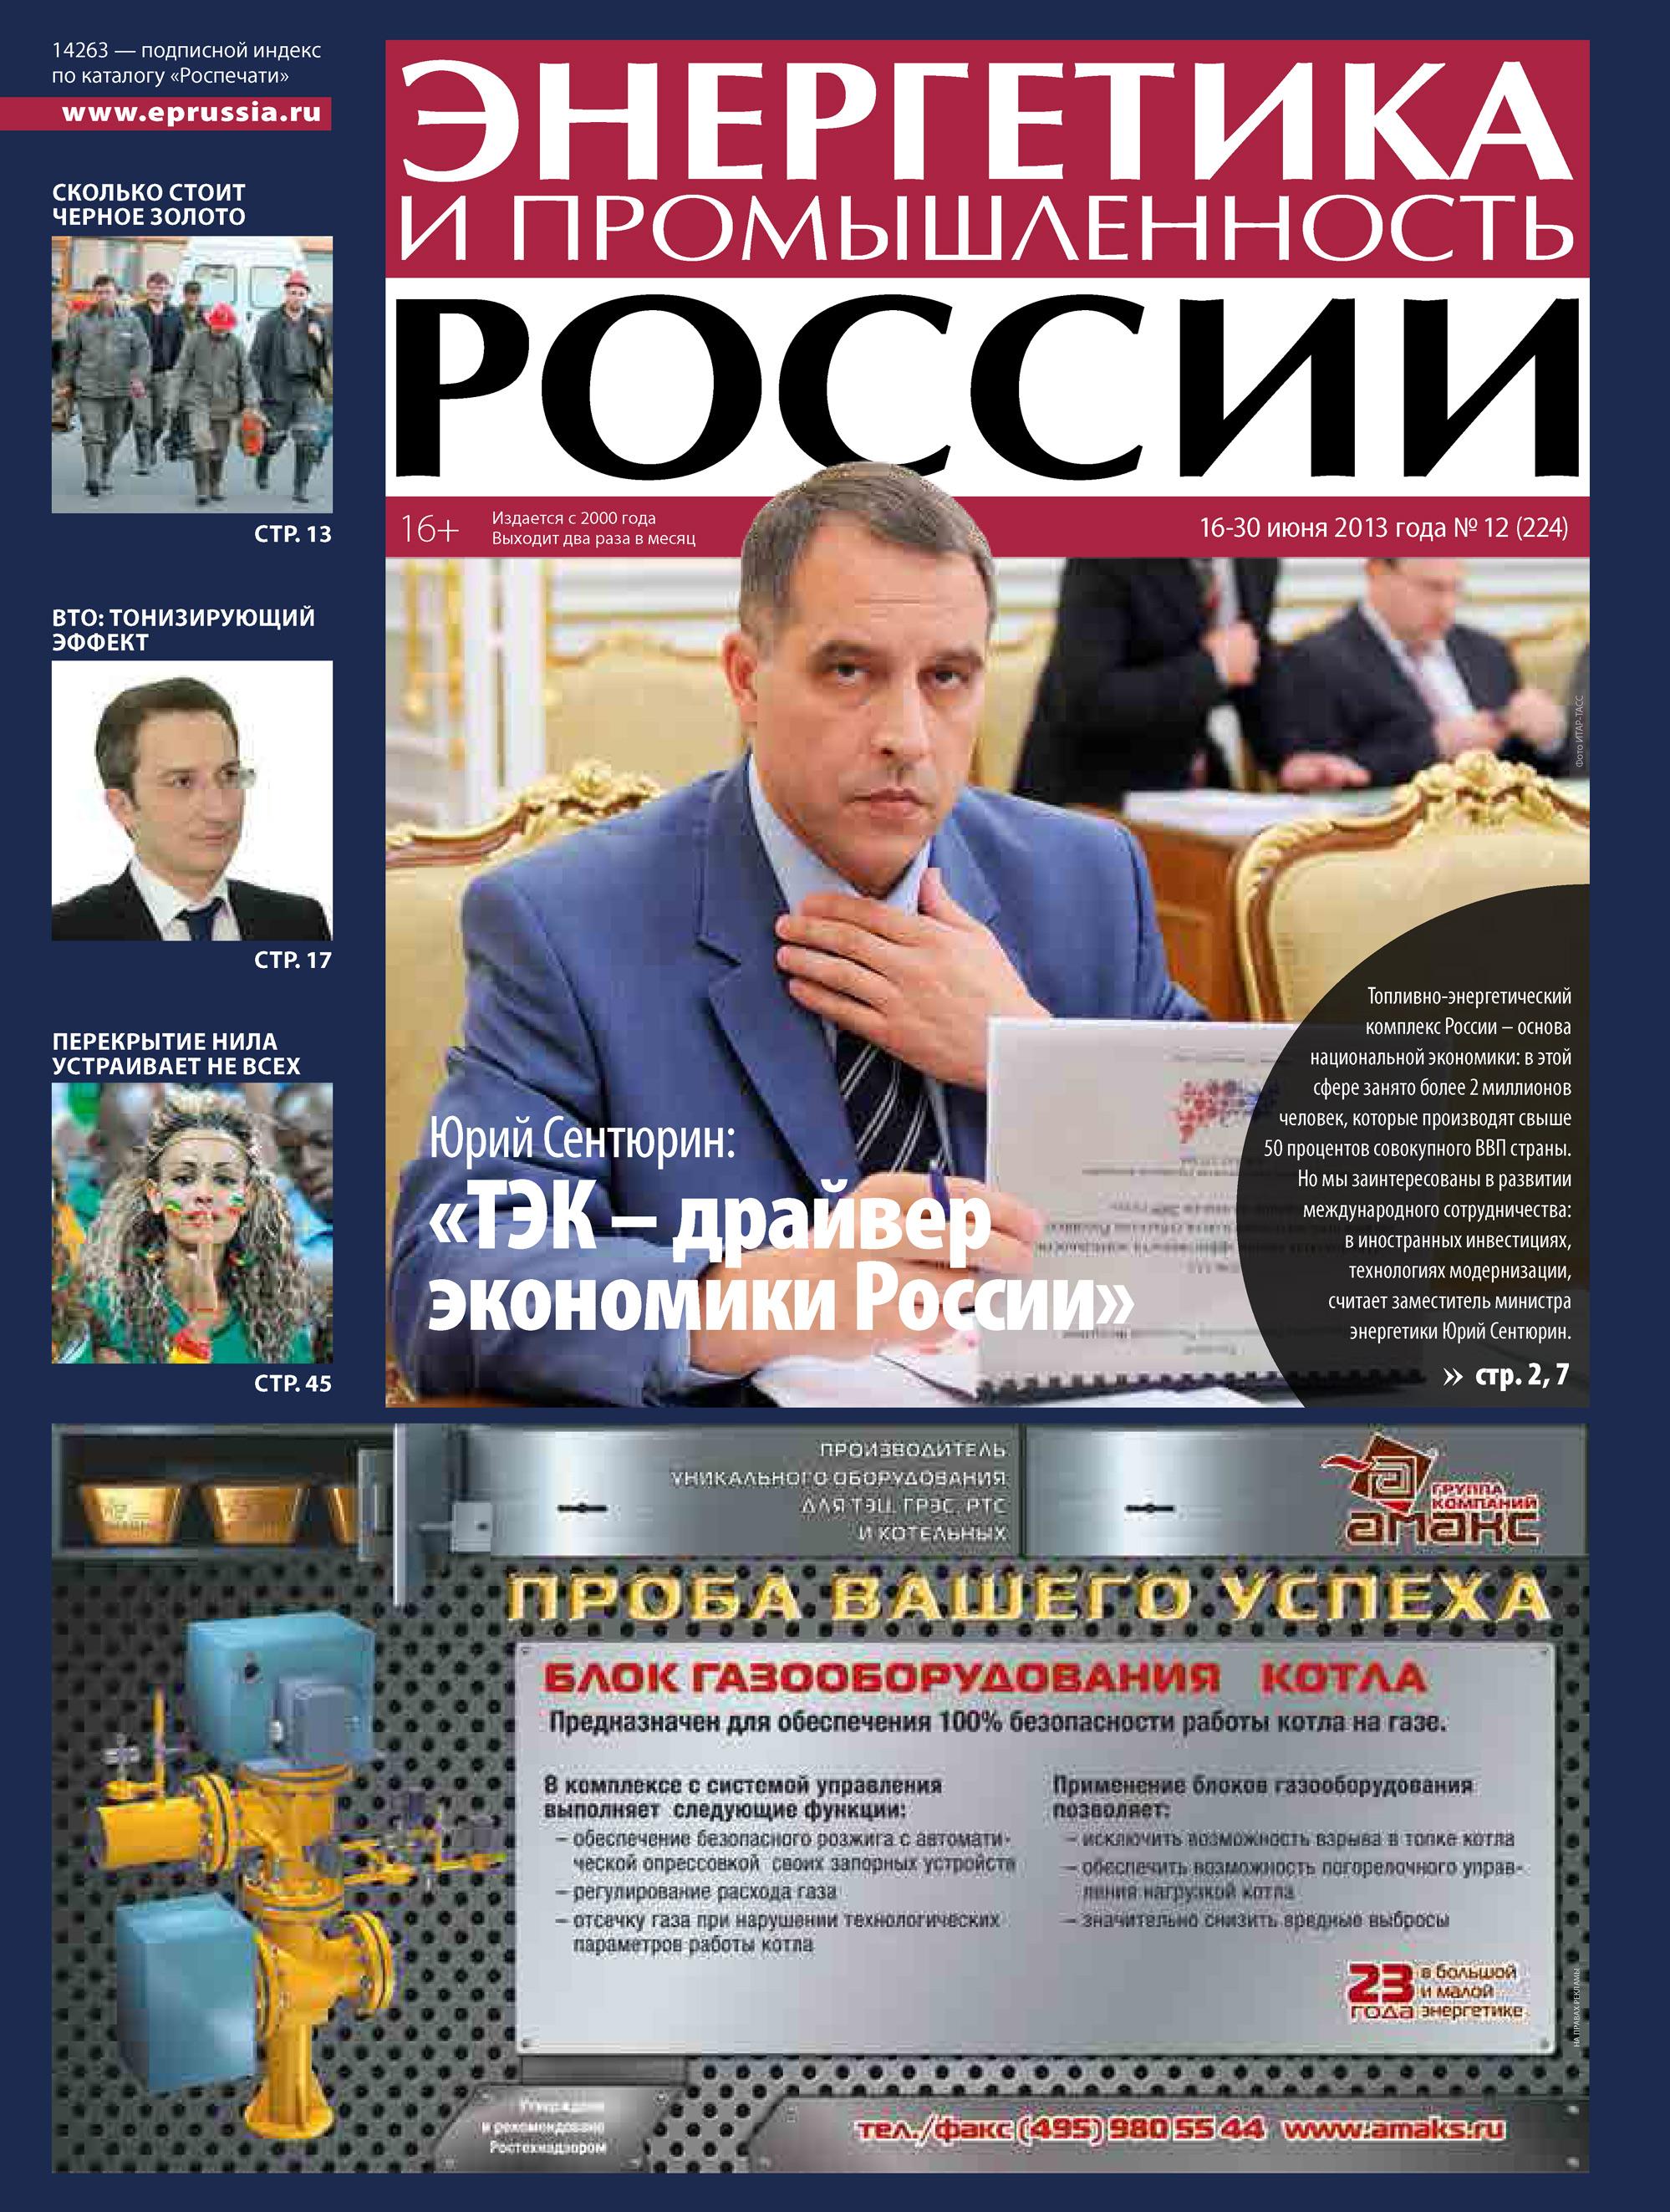 Энергетика и промышленность России №12 2013